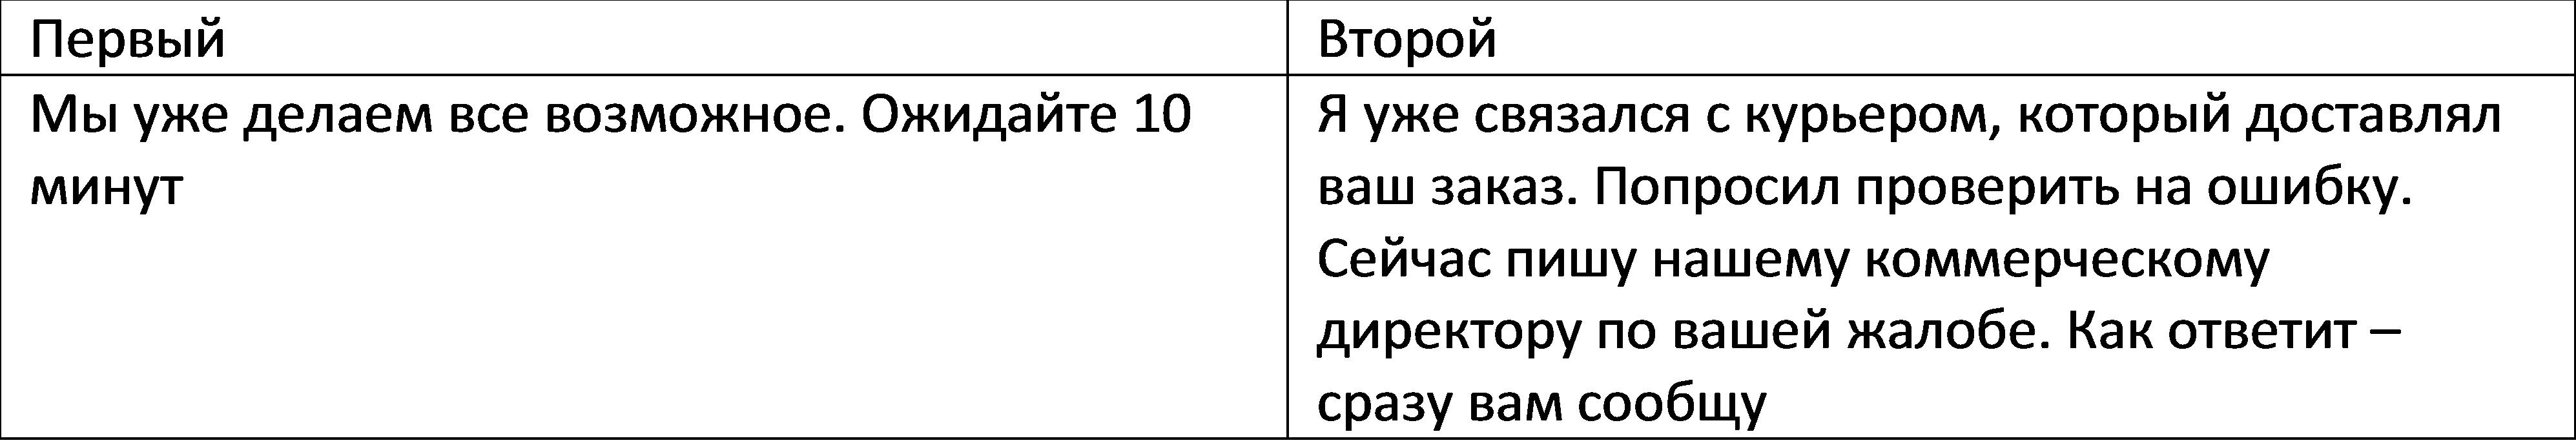 Примеры ответов